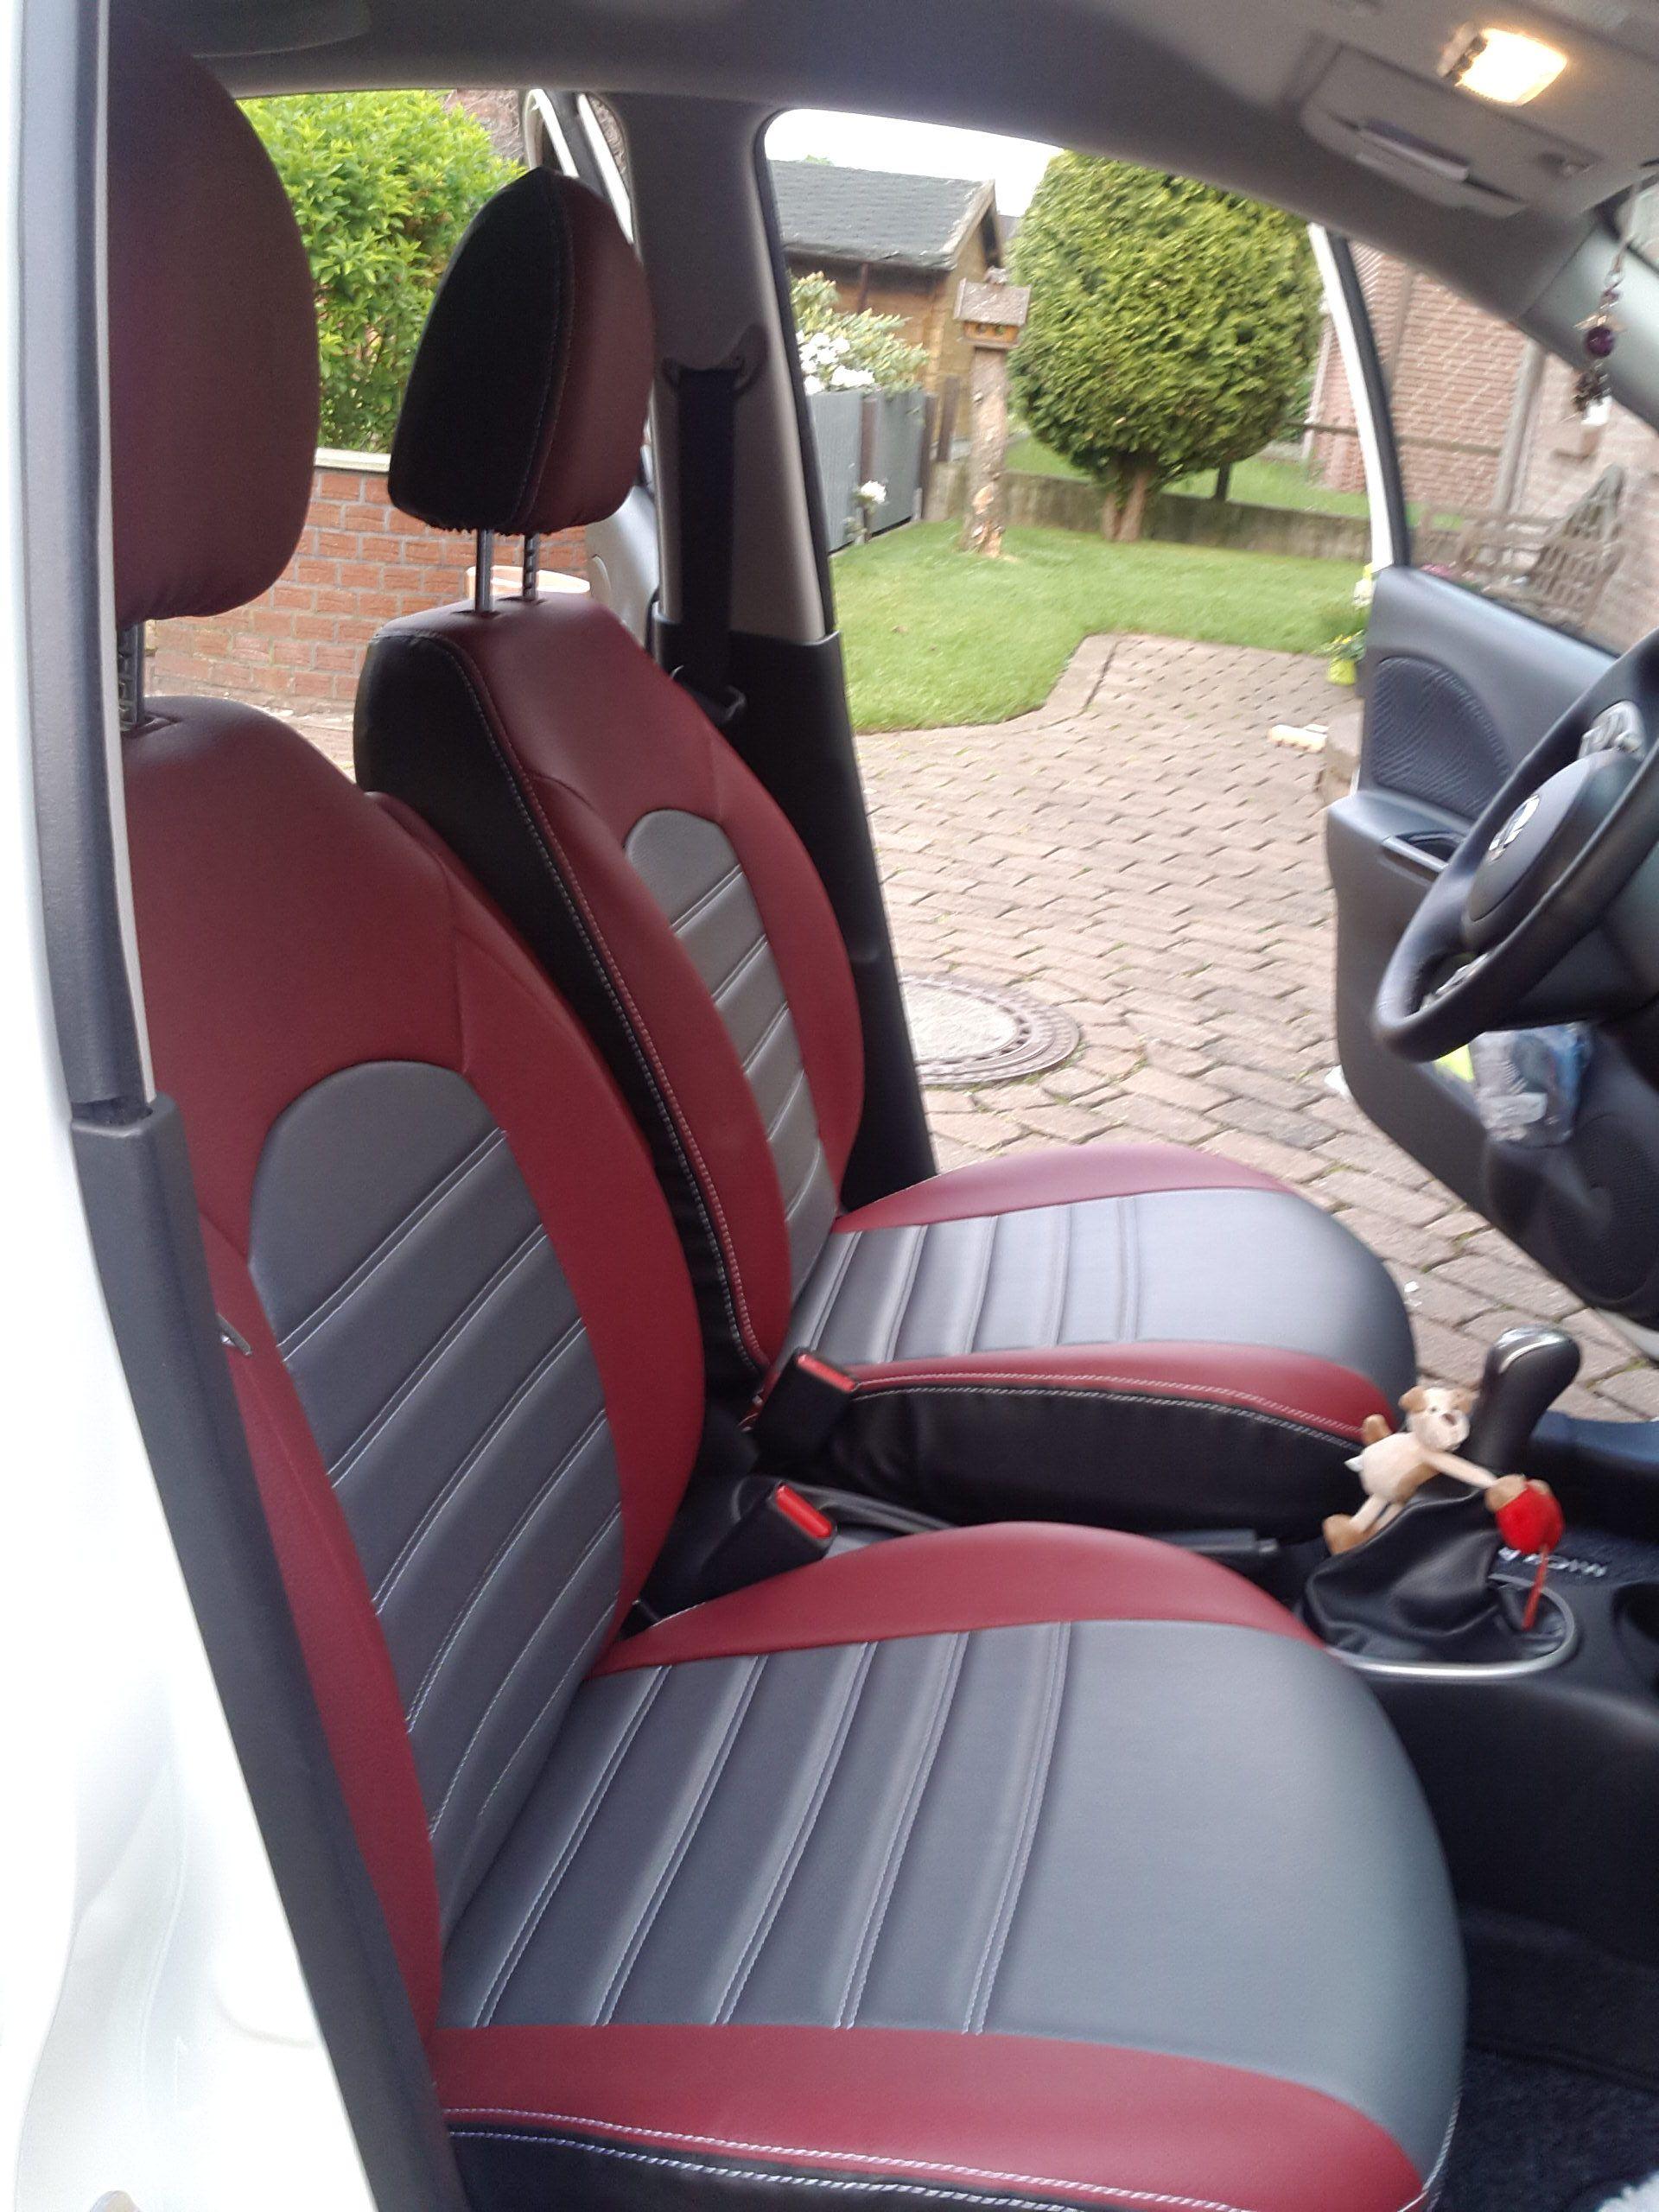 nissan micra autositzbez ge nach ma lederlook gesamt variante querabsteppung eingearbeitet. Black Bedroom Furniture Sets. Home Design Ideas